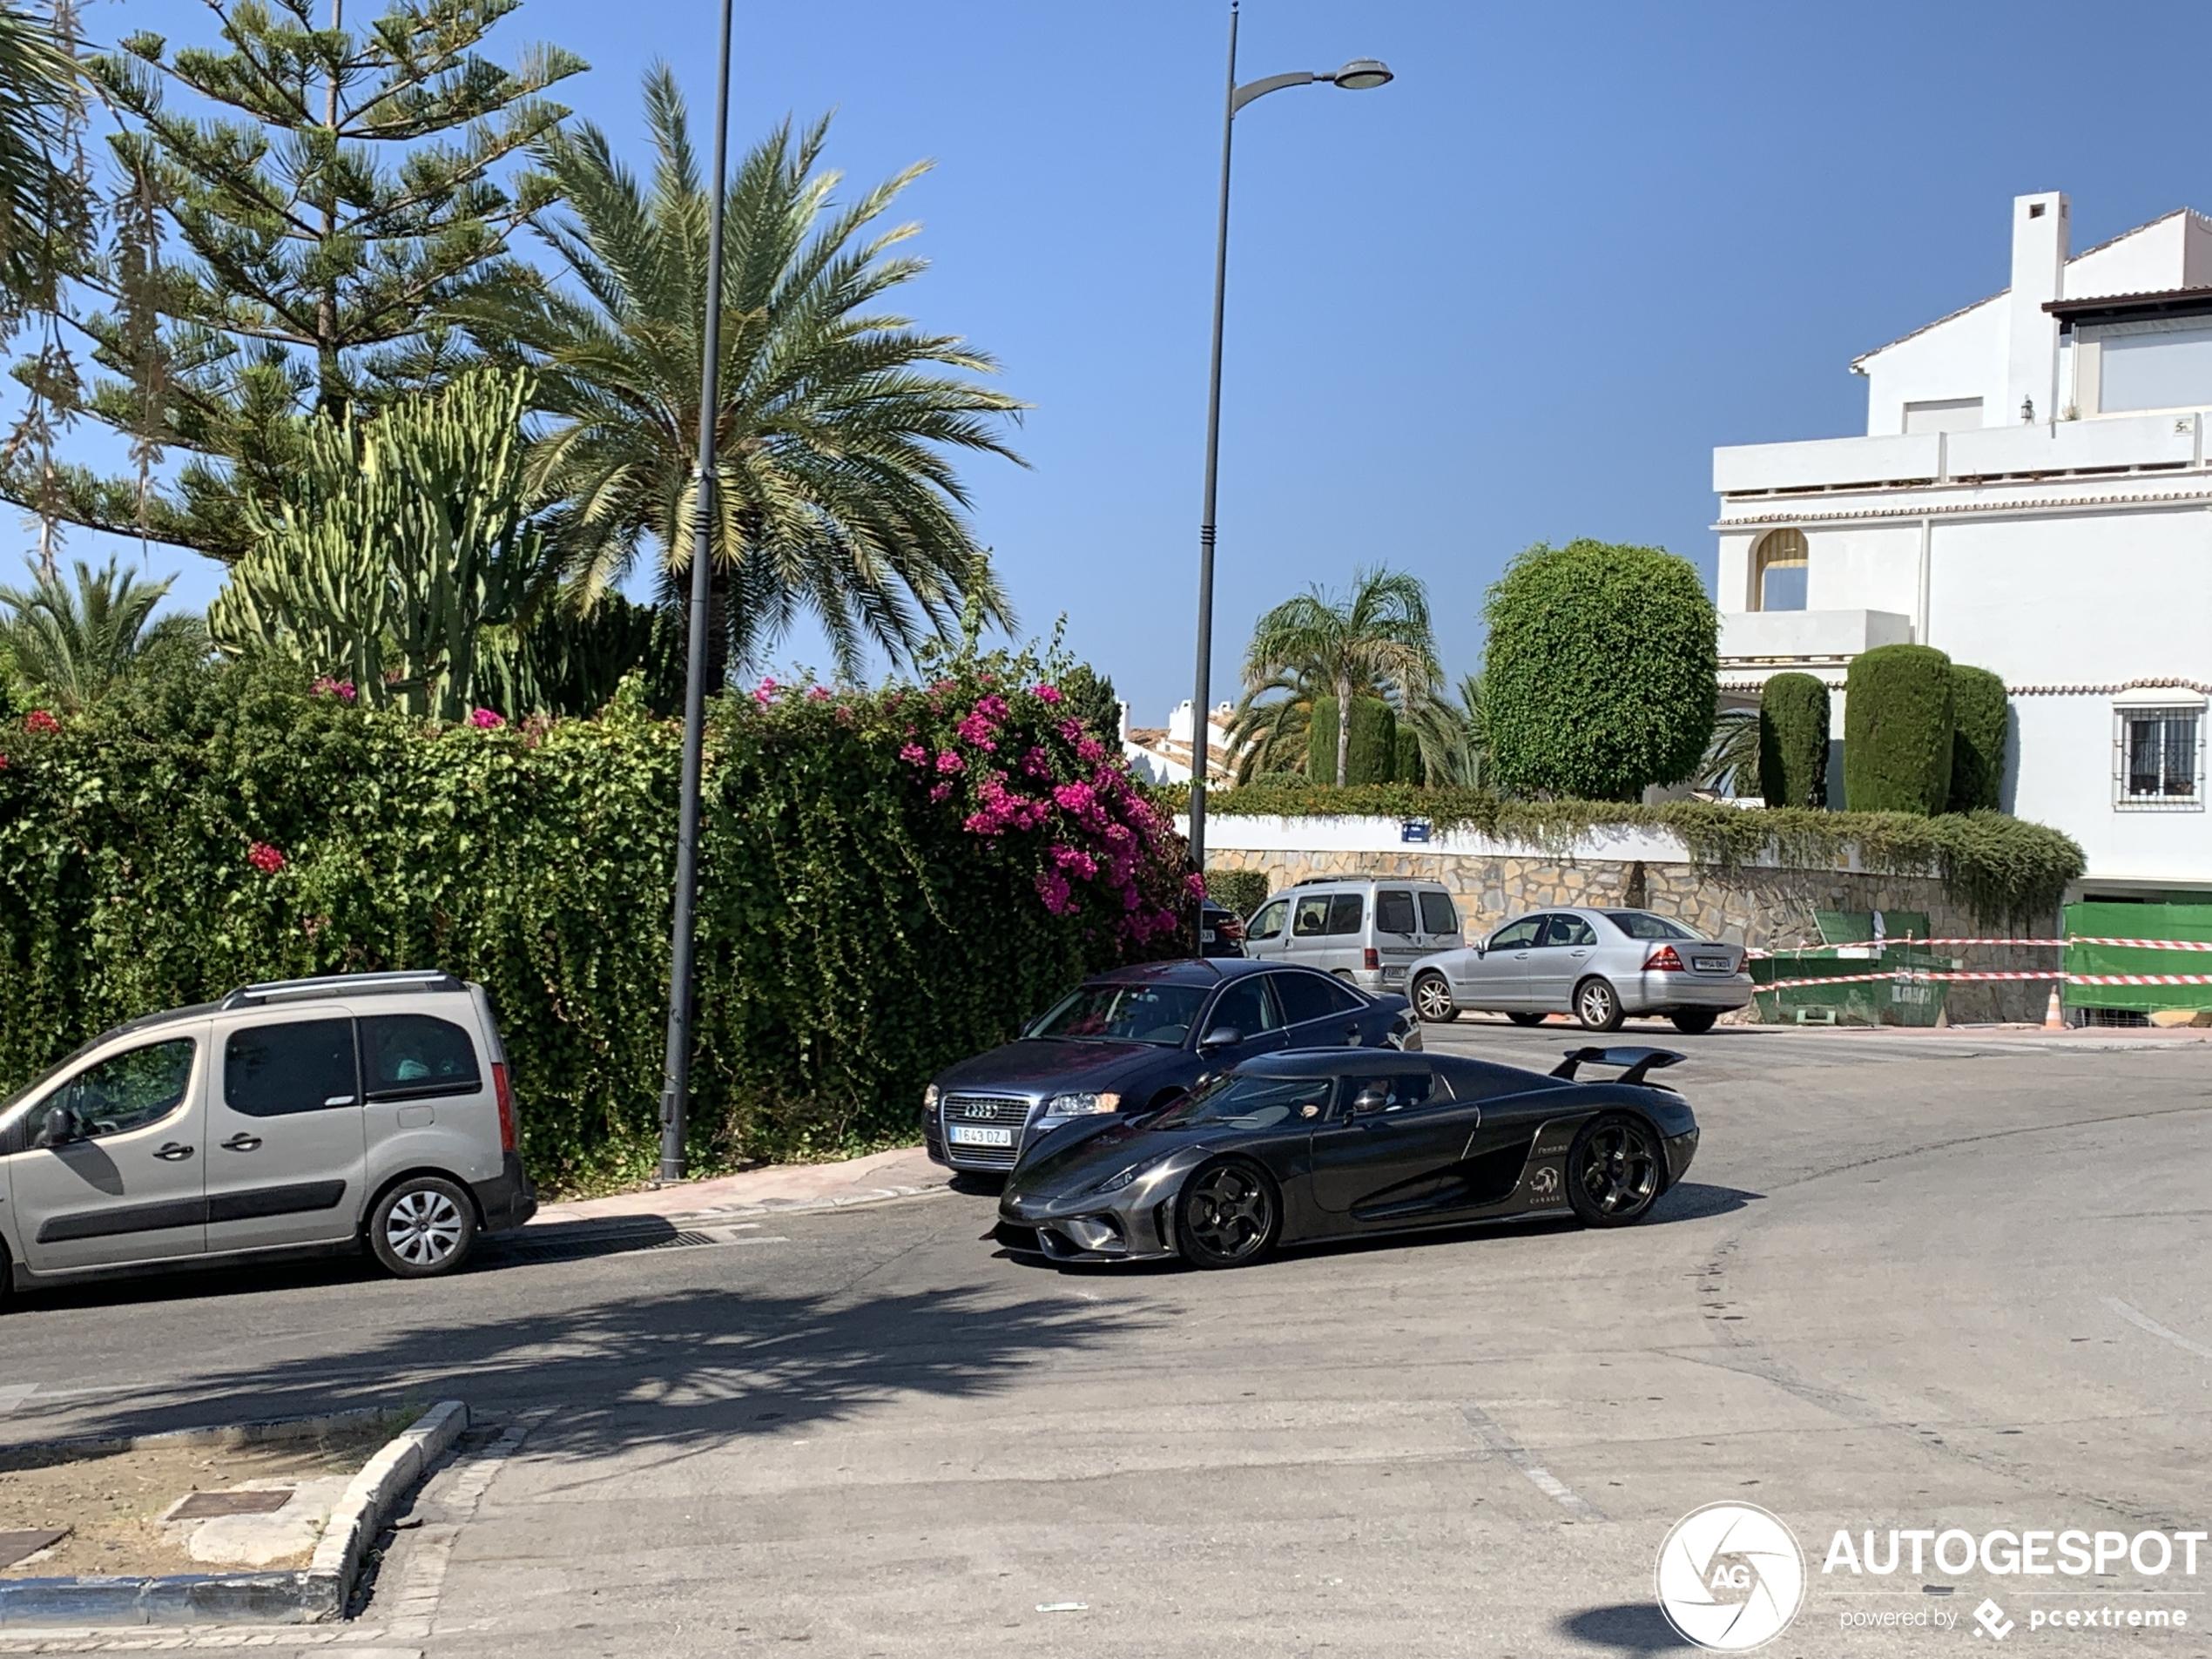 Koenigsegg Regera stuift voorbij in Marbella